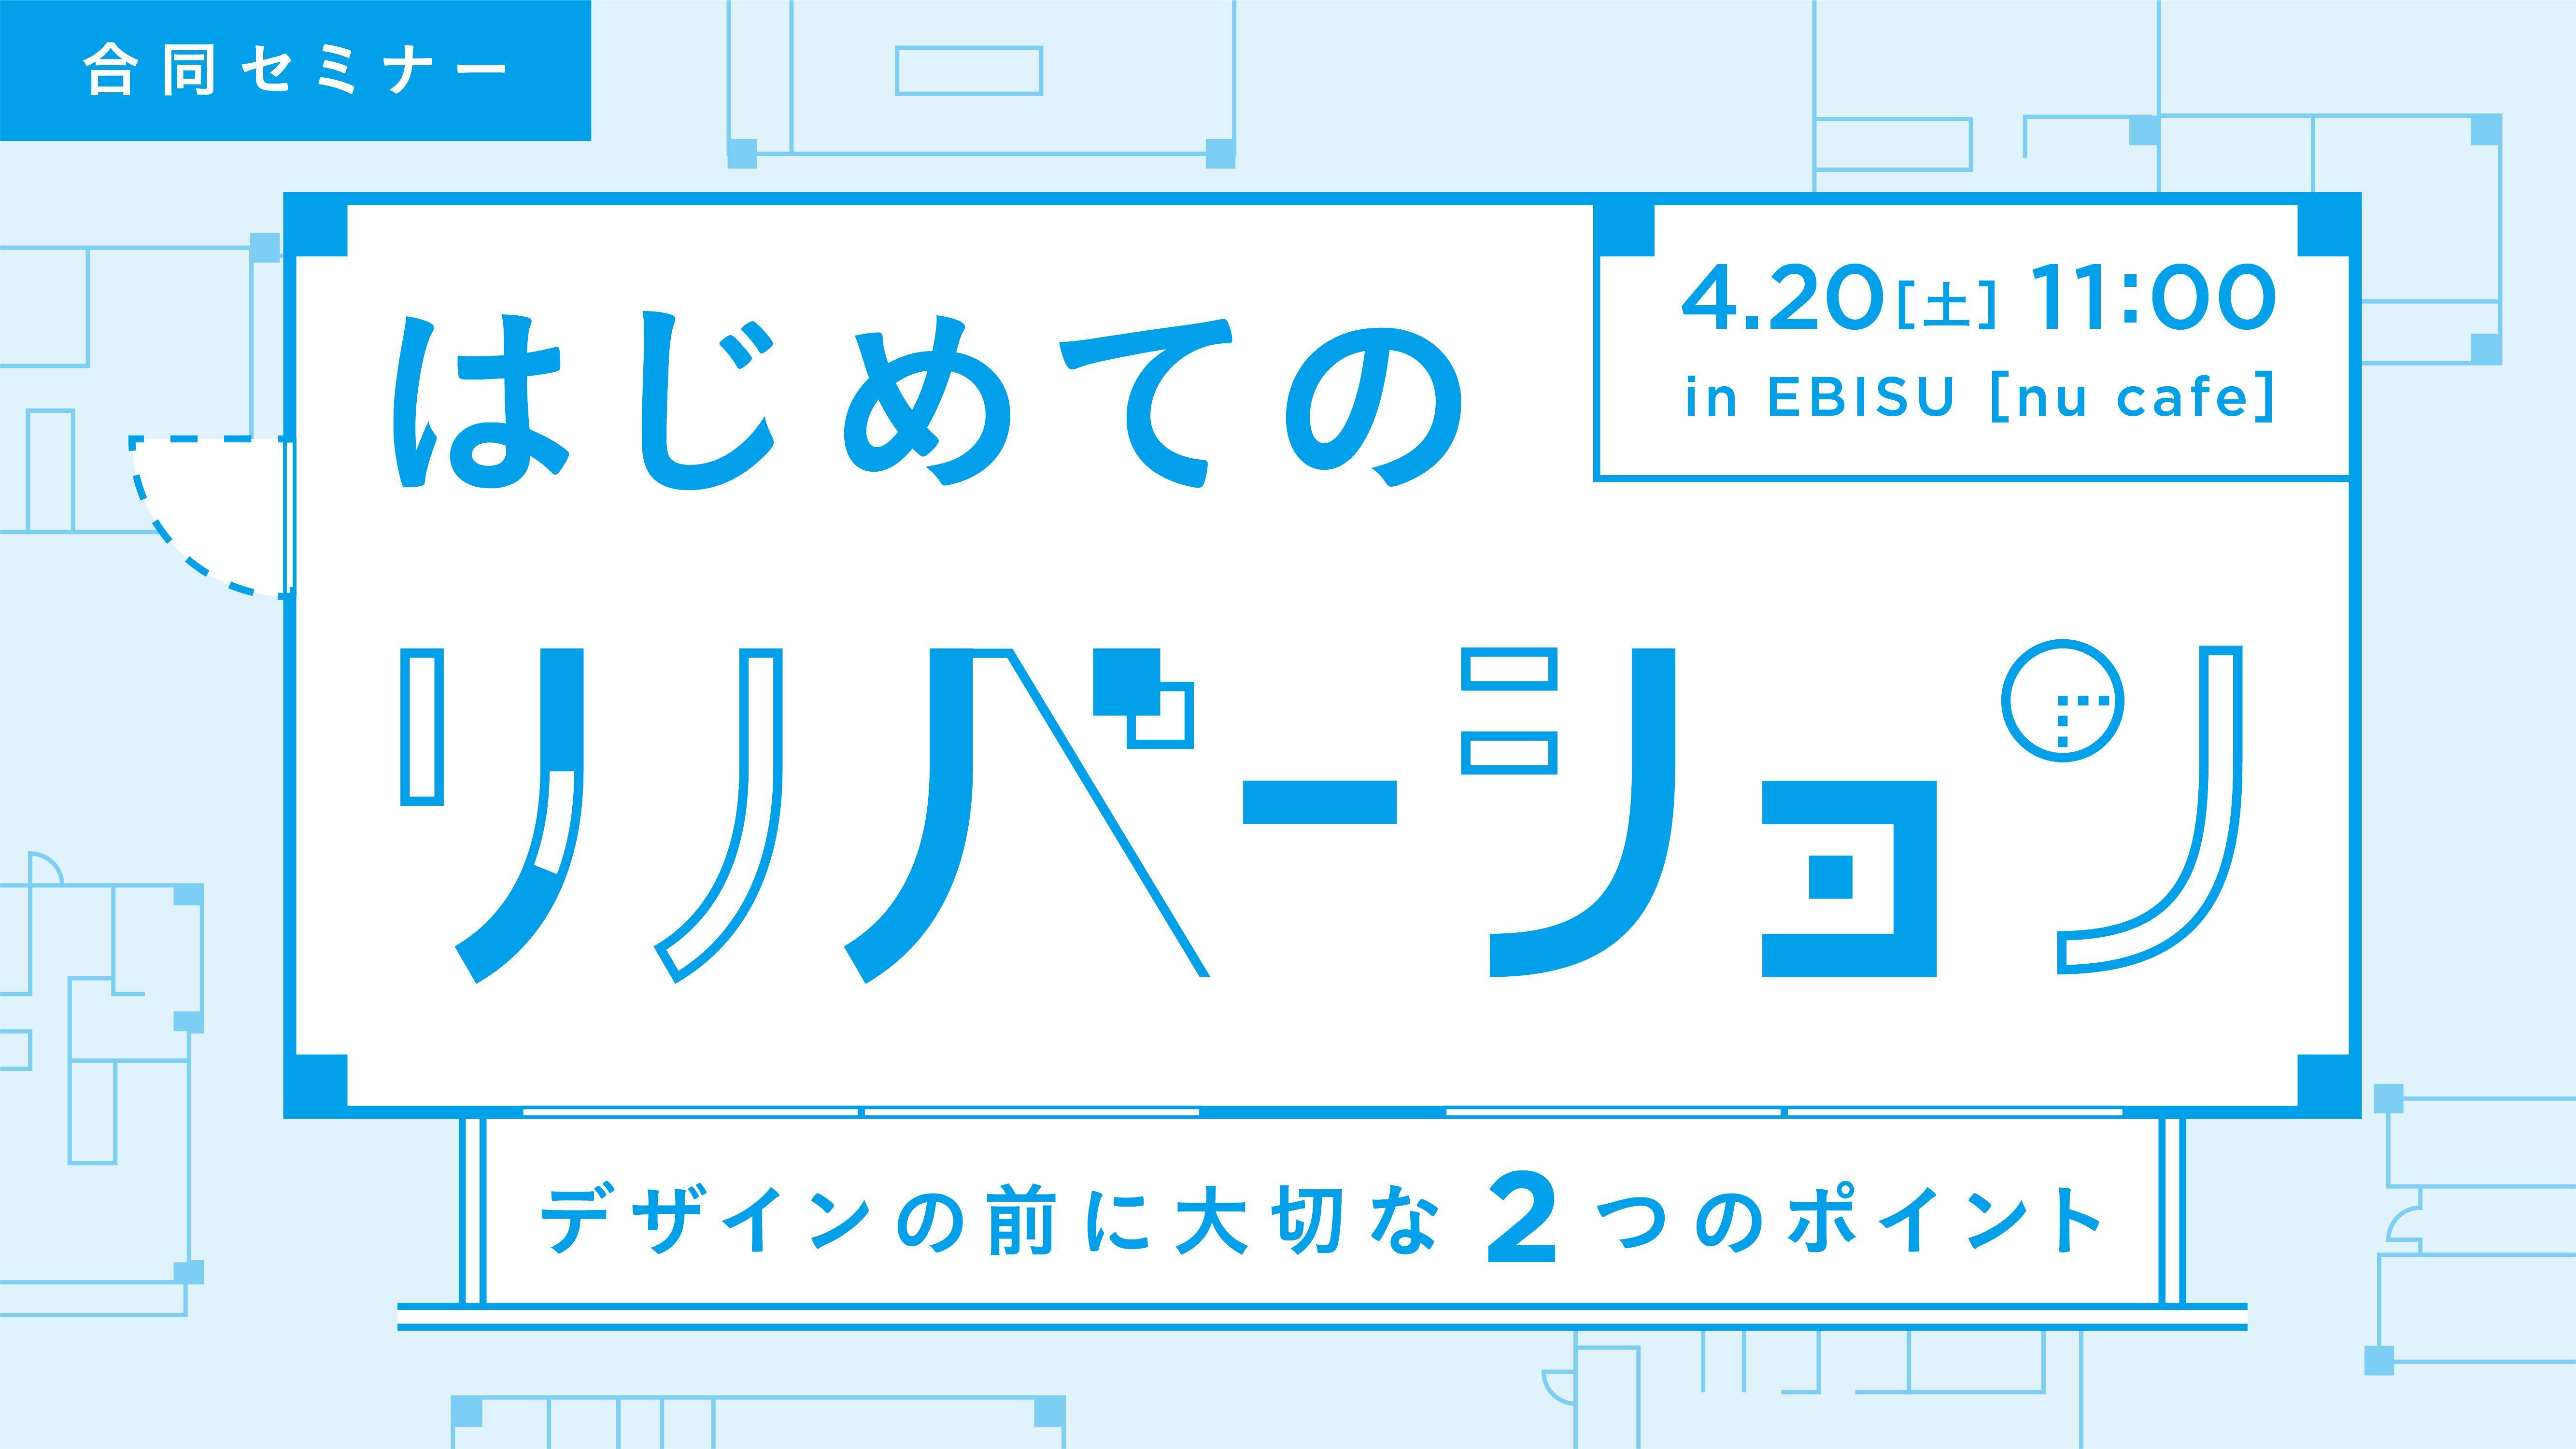 【4/20(土)@恵比寿】はじめてのリノベーション -デザインの前に大切な2つのポイント-